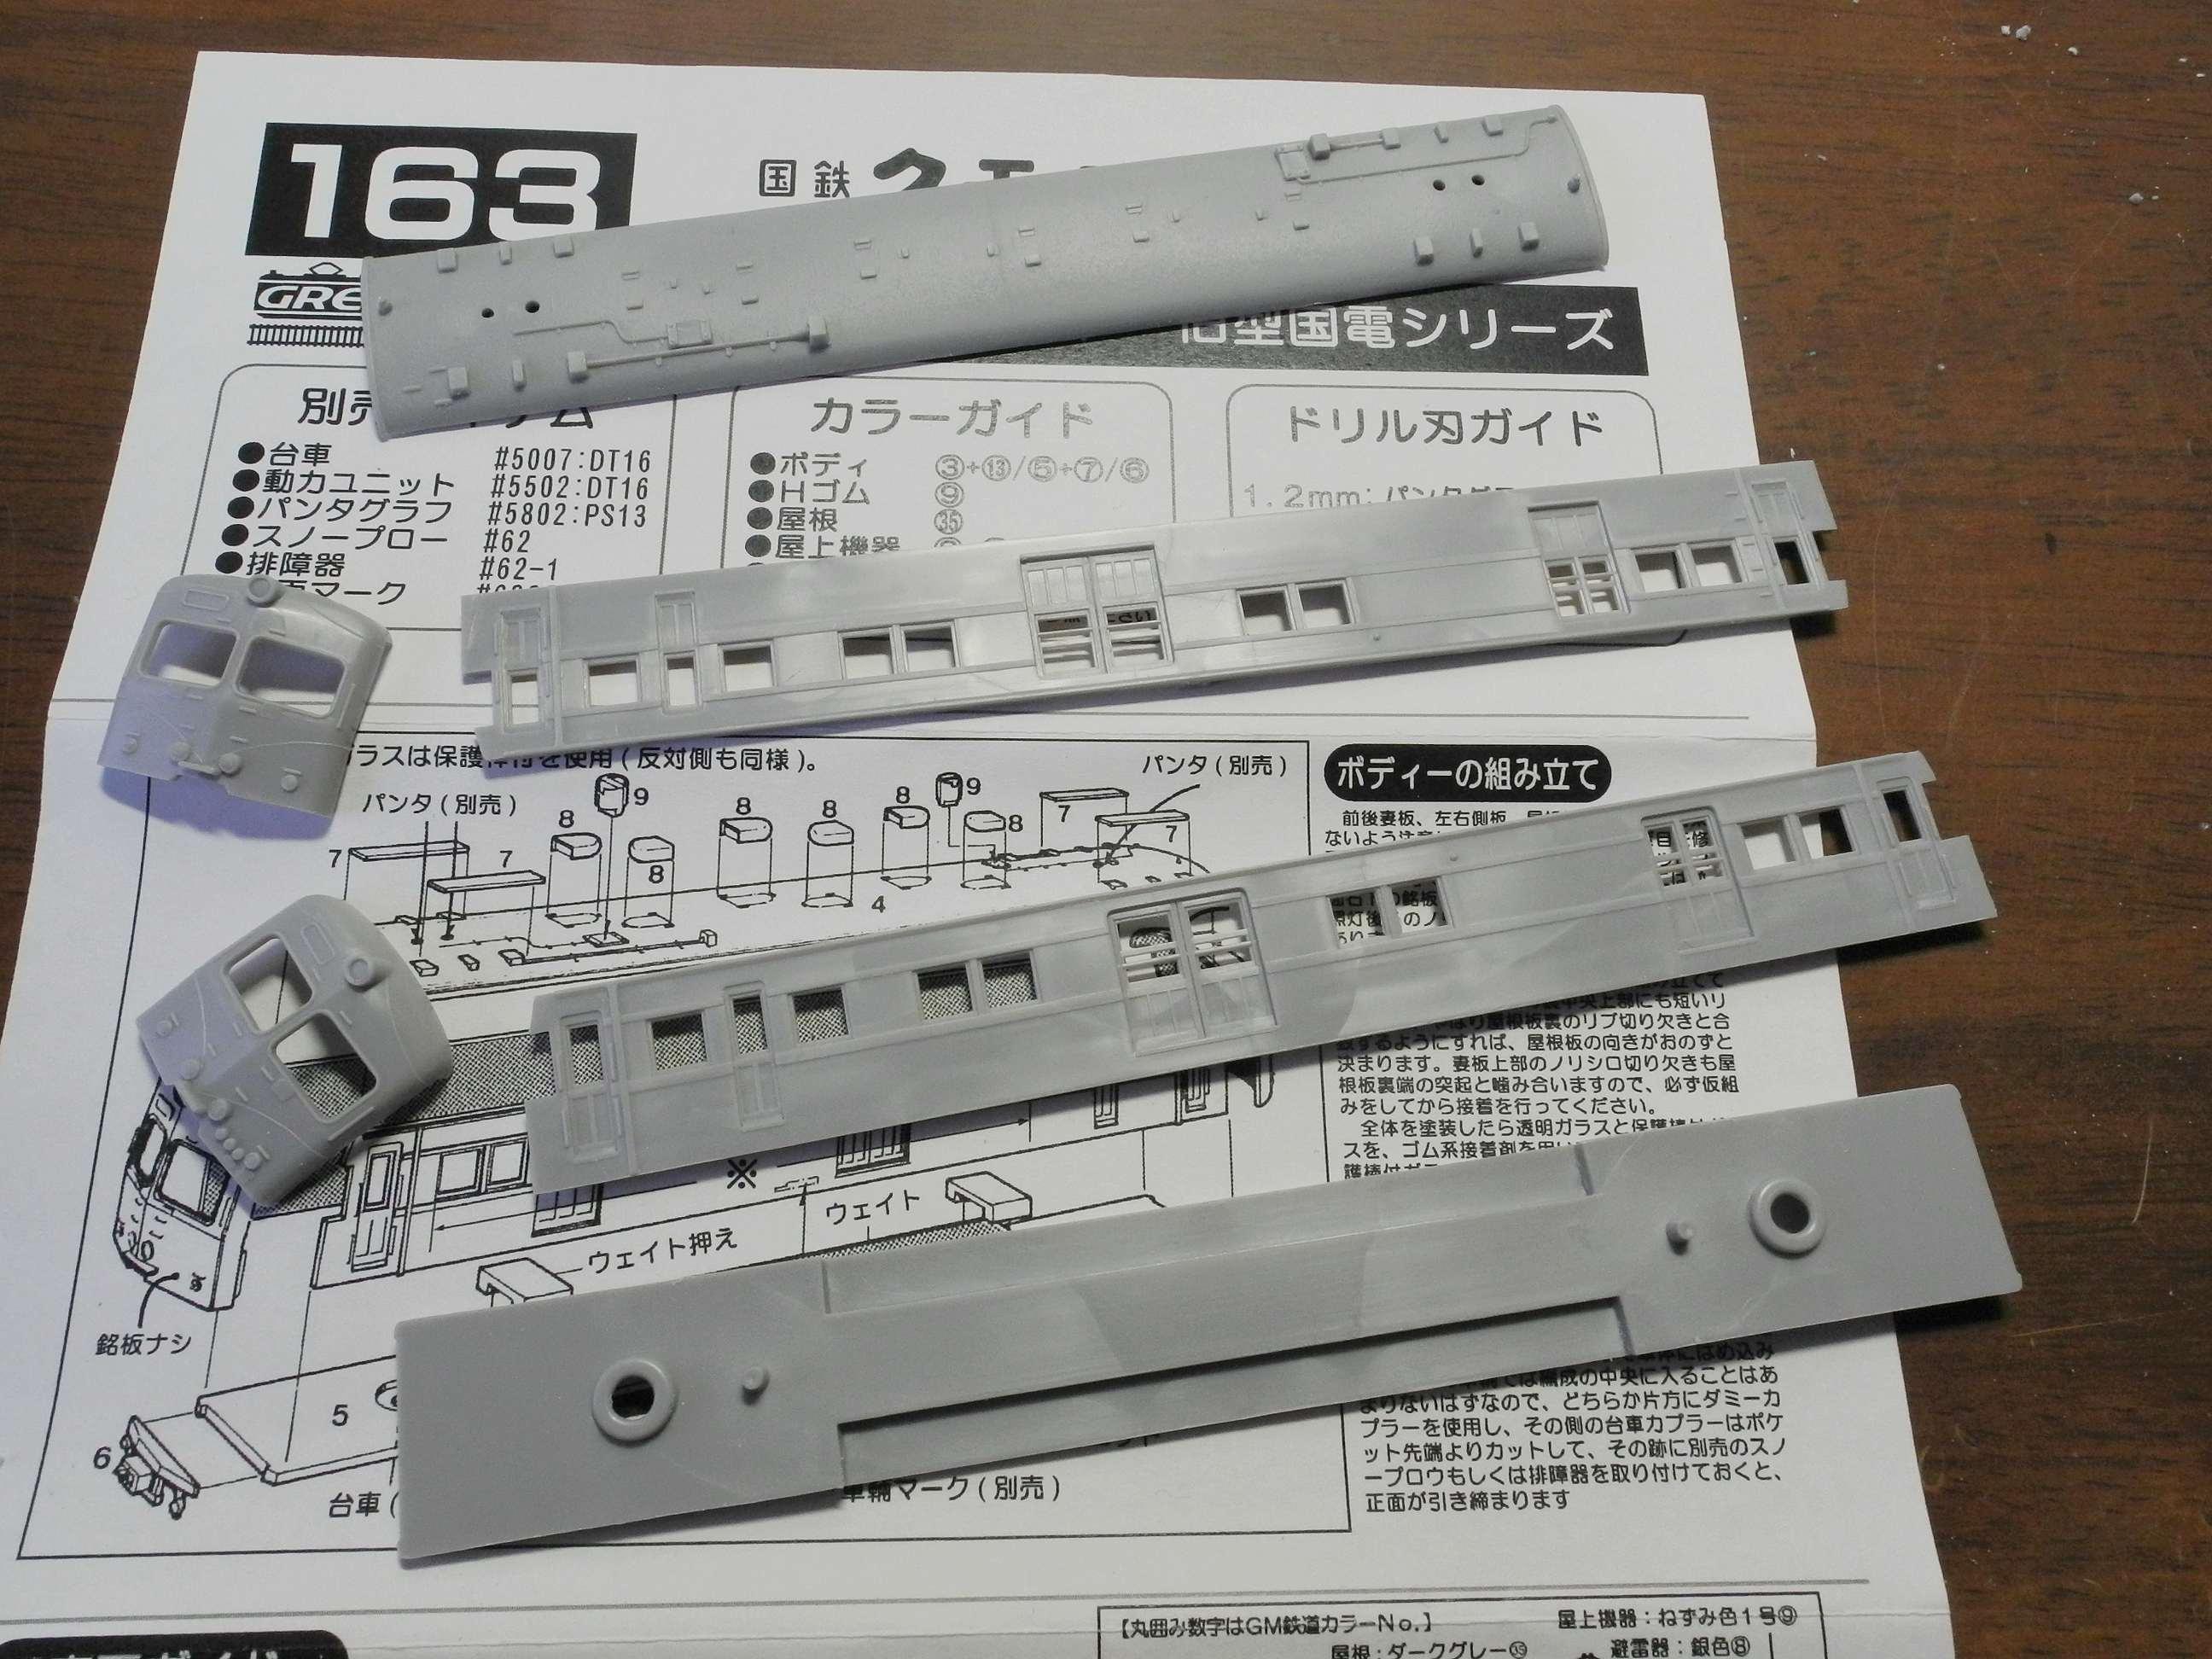 DSCN6380-1.jpg